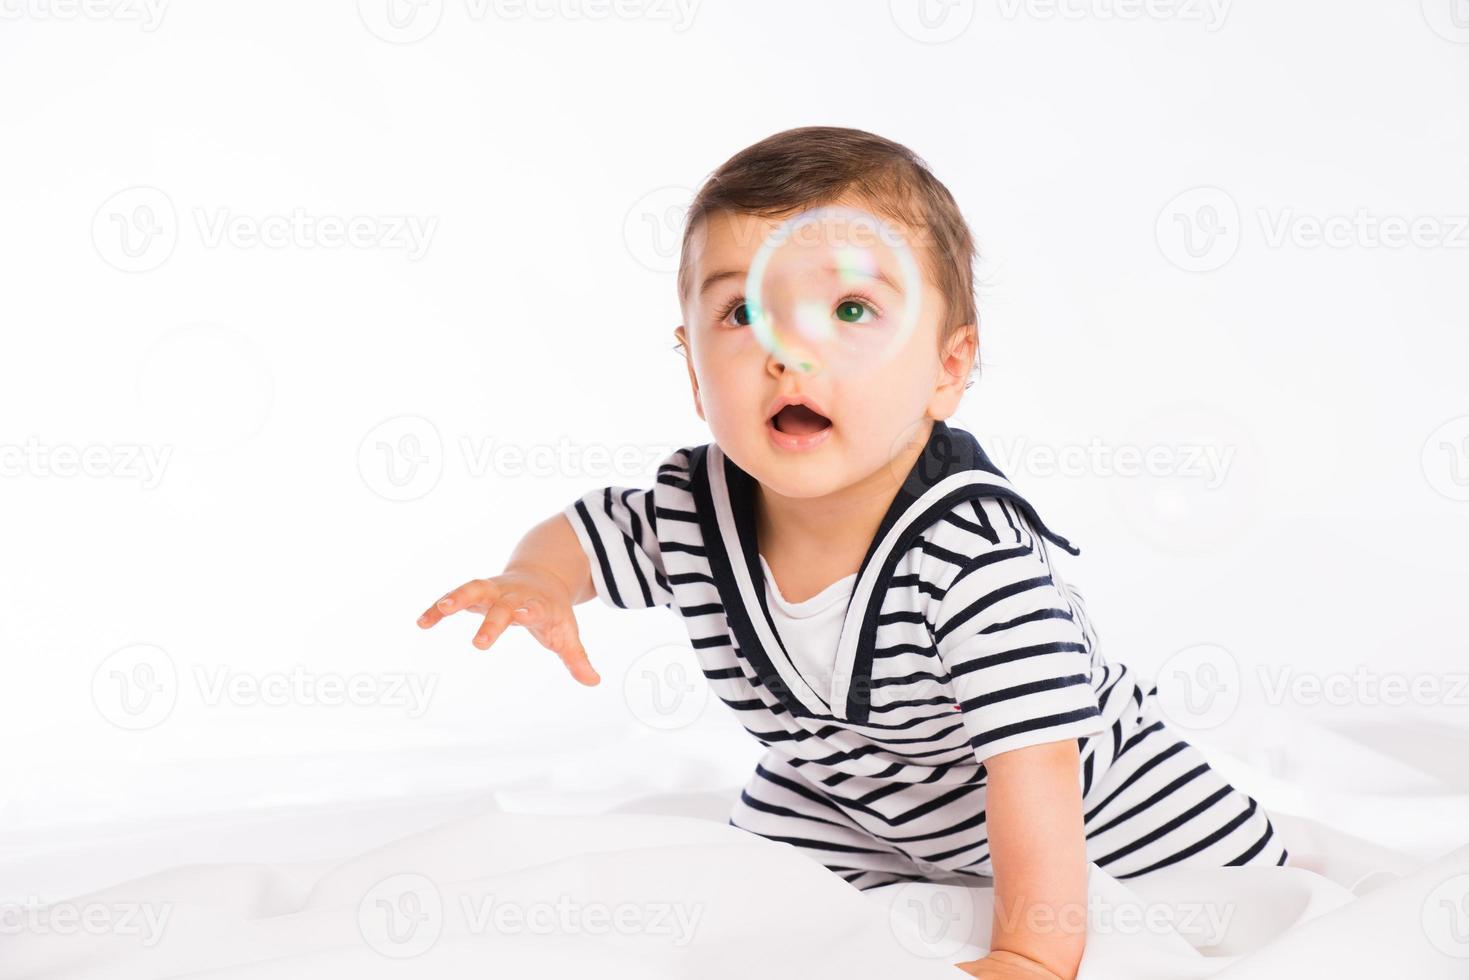 ritratto in studio isolato sfondo bianco adorabile bambino bambino giocando foto